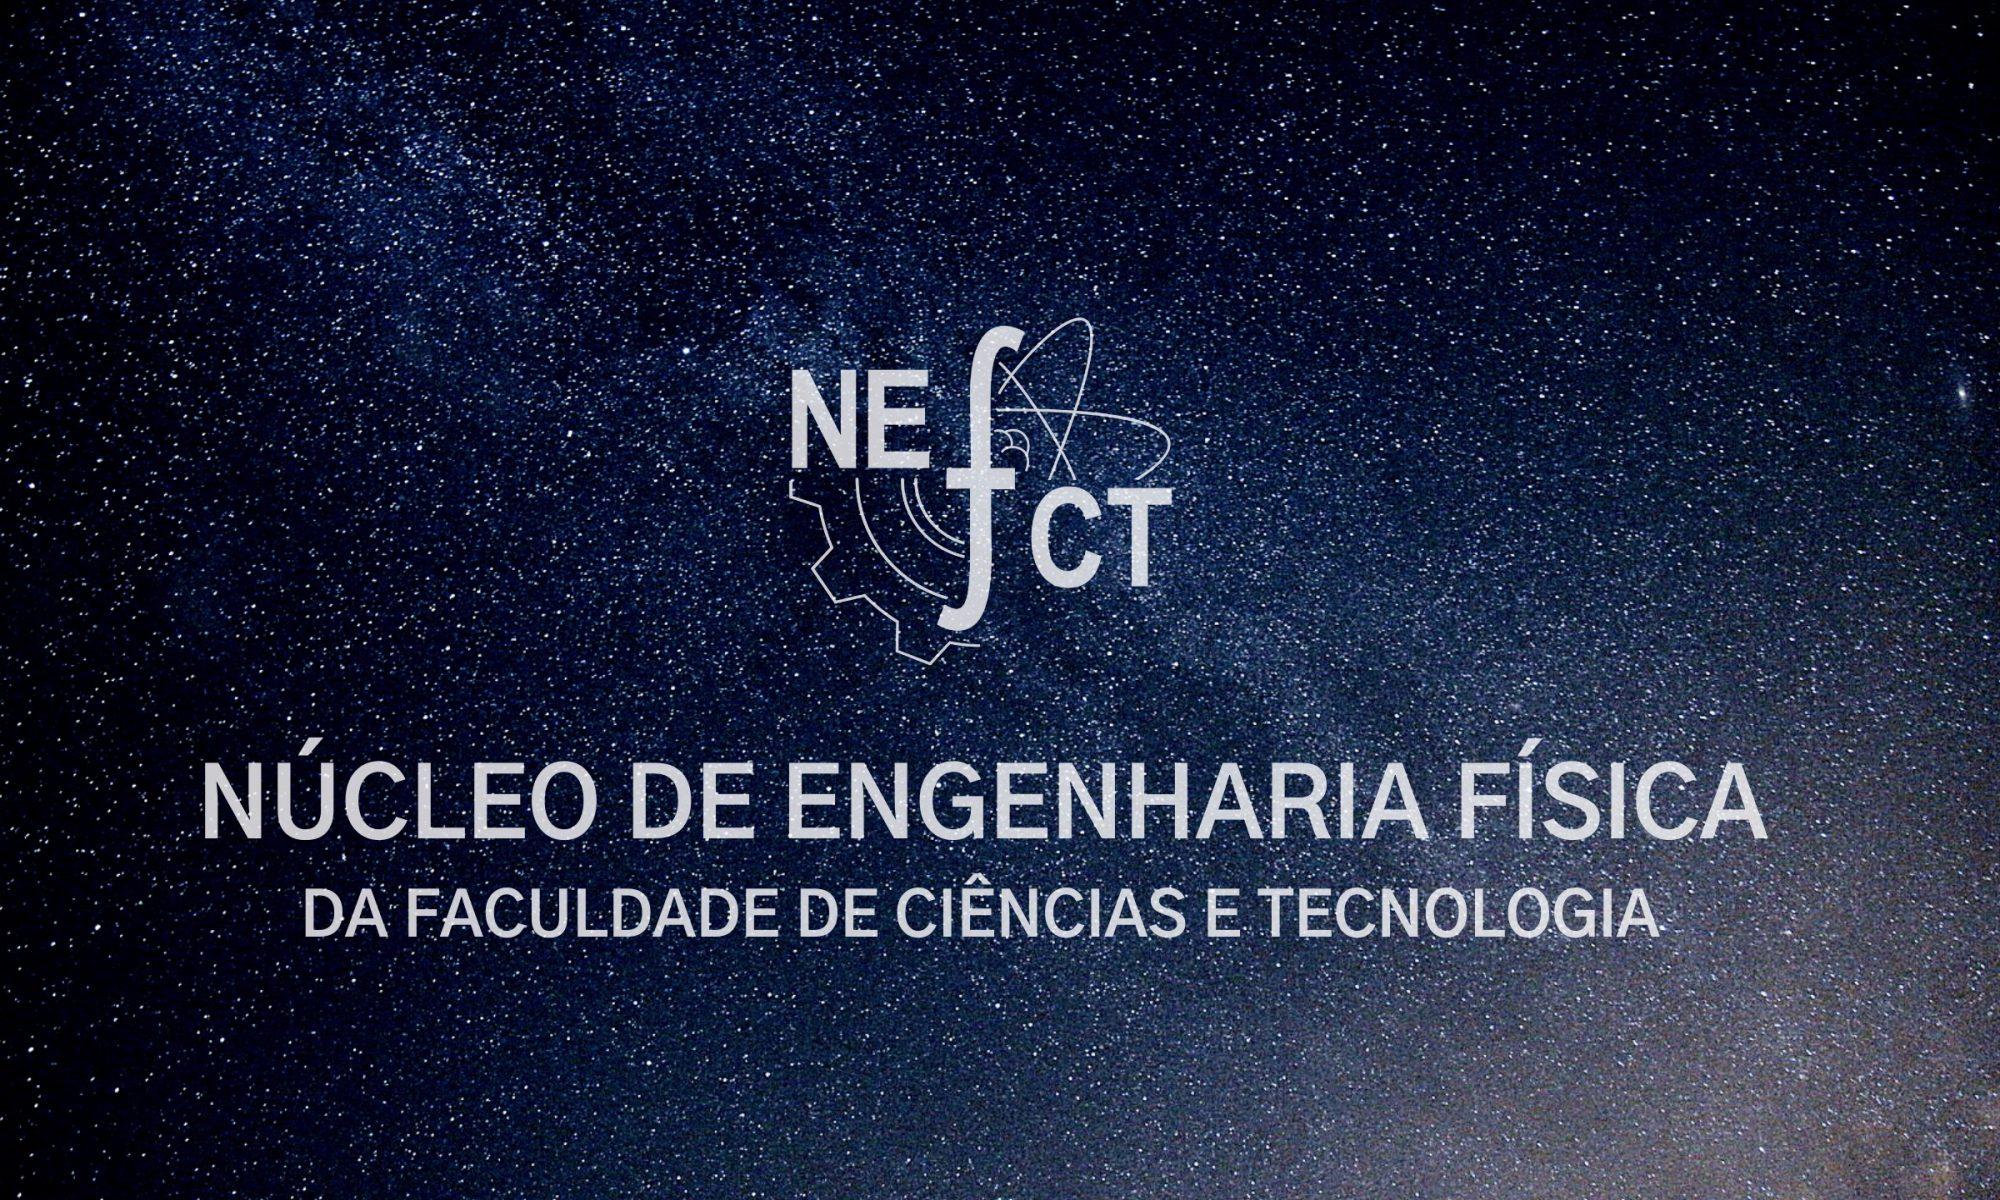 NEFCT